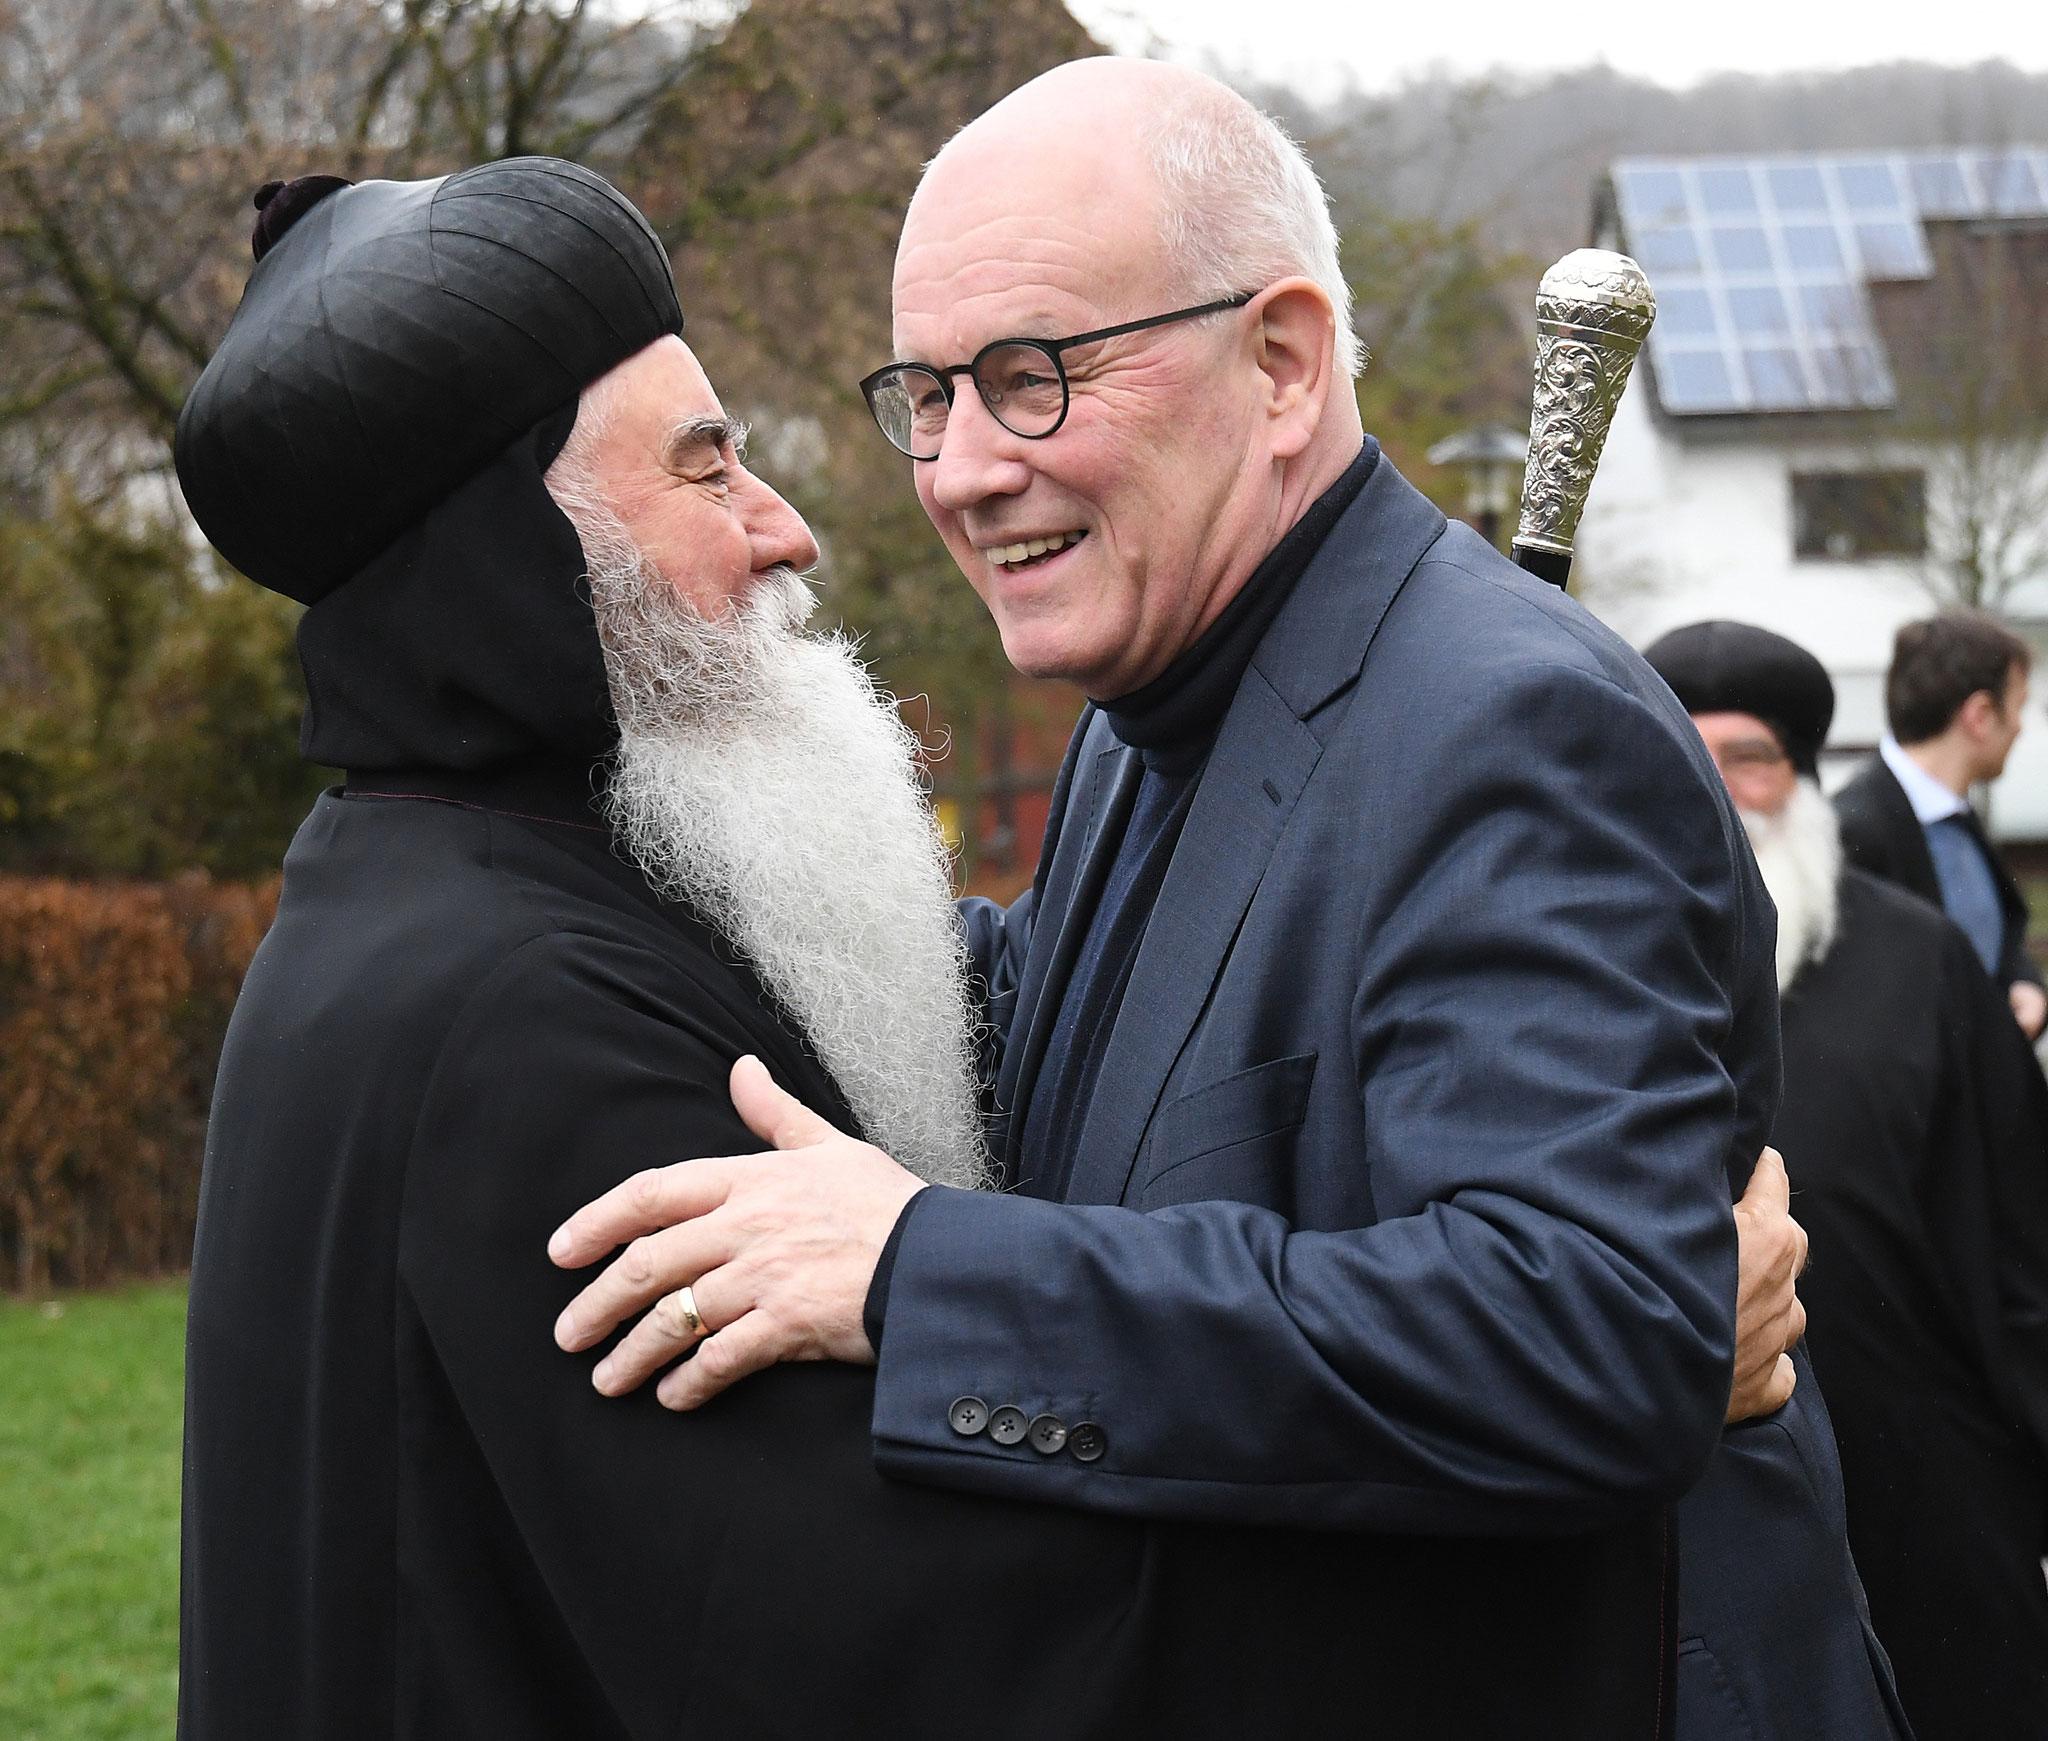 S.E. Erzbischof Dr. Julius Hanna Aydin (syrisch-orthodoxe Kirche) und Volker Kauder begrüßen einander. Foto: Maria Hopp